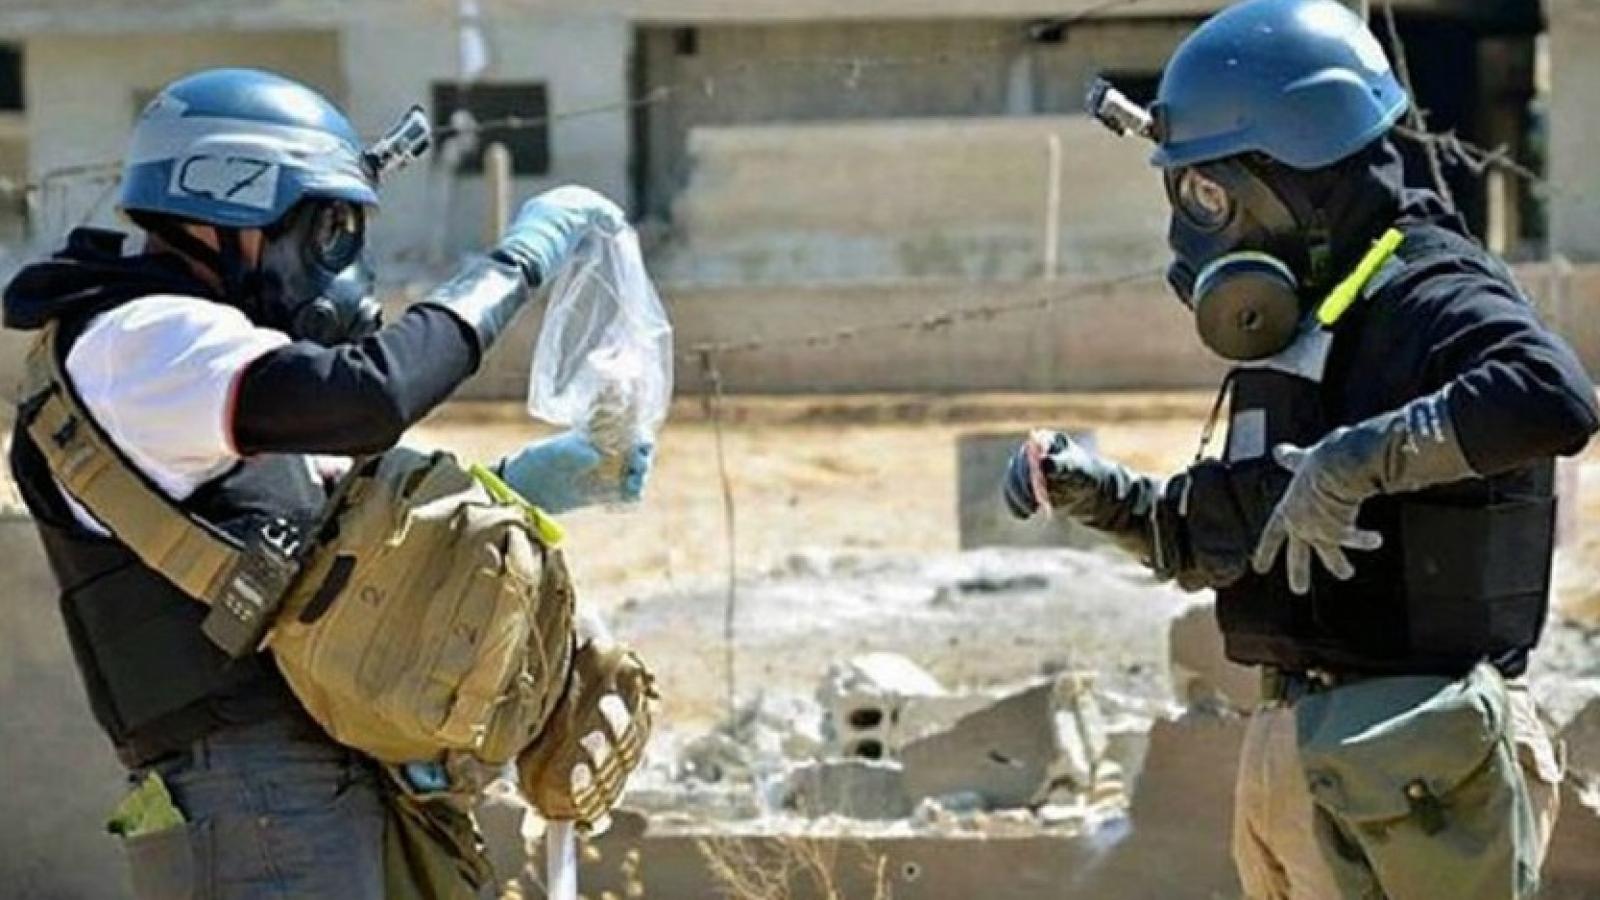 Tổ chức cấm vũ khí hóa học lên án sử dụng chất độc thần kinh ở Syria